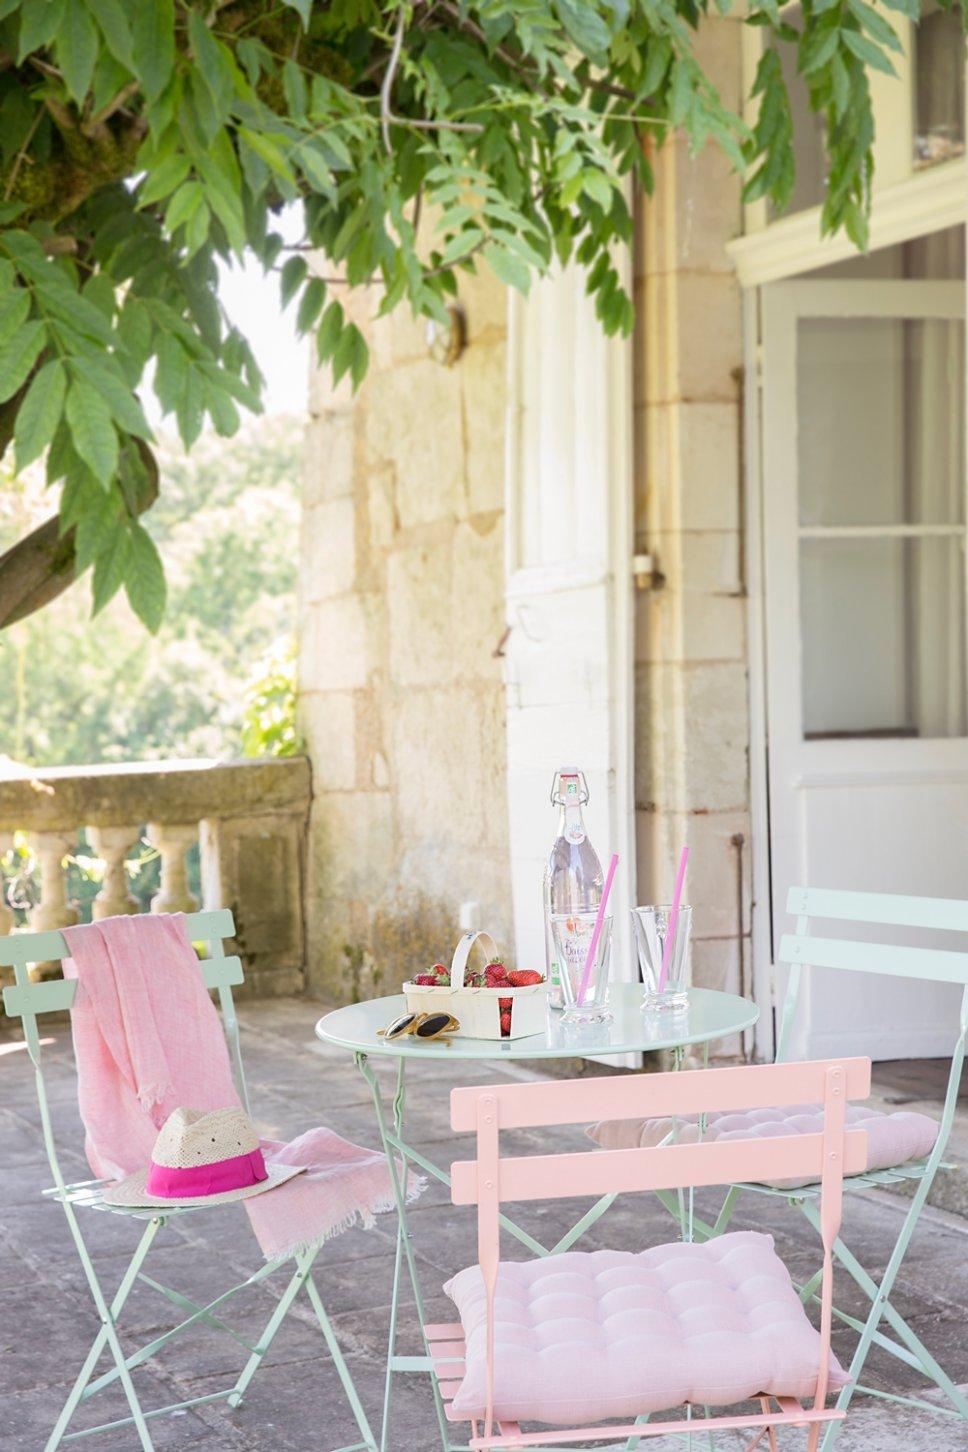 Farbenfroher Bistrotisch und Stühle auf Terrasse in altem französischen Landhaus